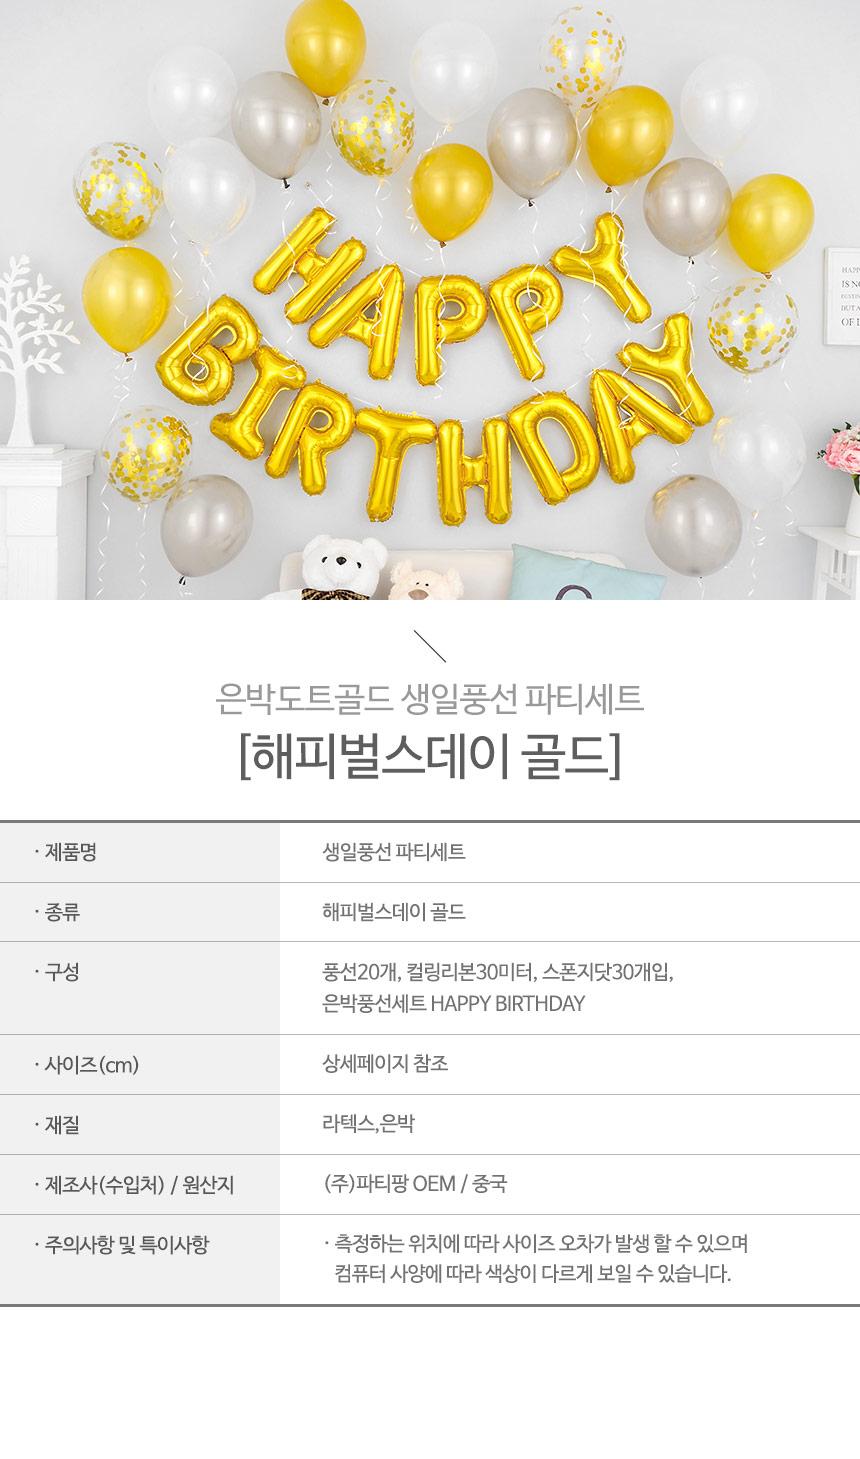 은박도트골드 생일풍선 파티세트 [해피벌스데이 골드] _partypang - 주식회사 파티팡, 10,800원, 파티용품, 풍선/세트